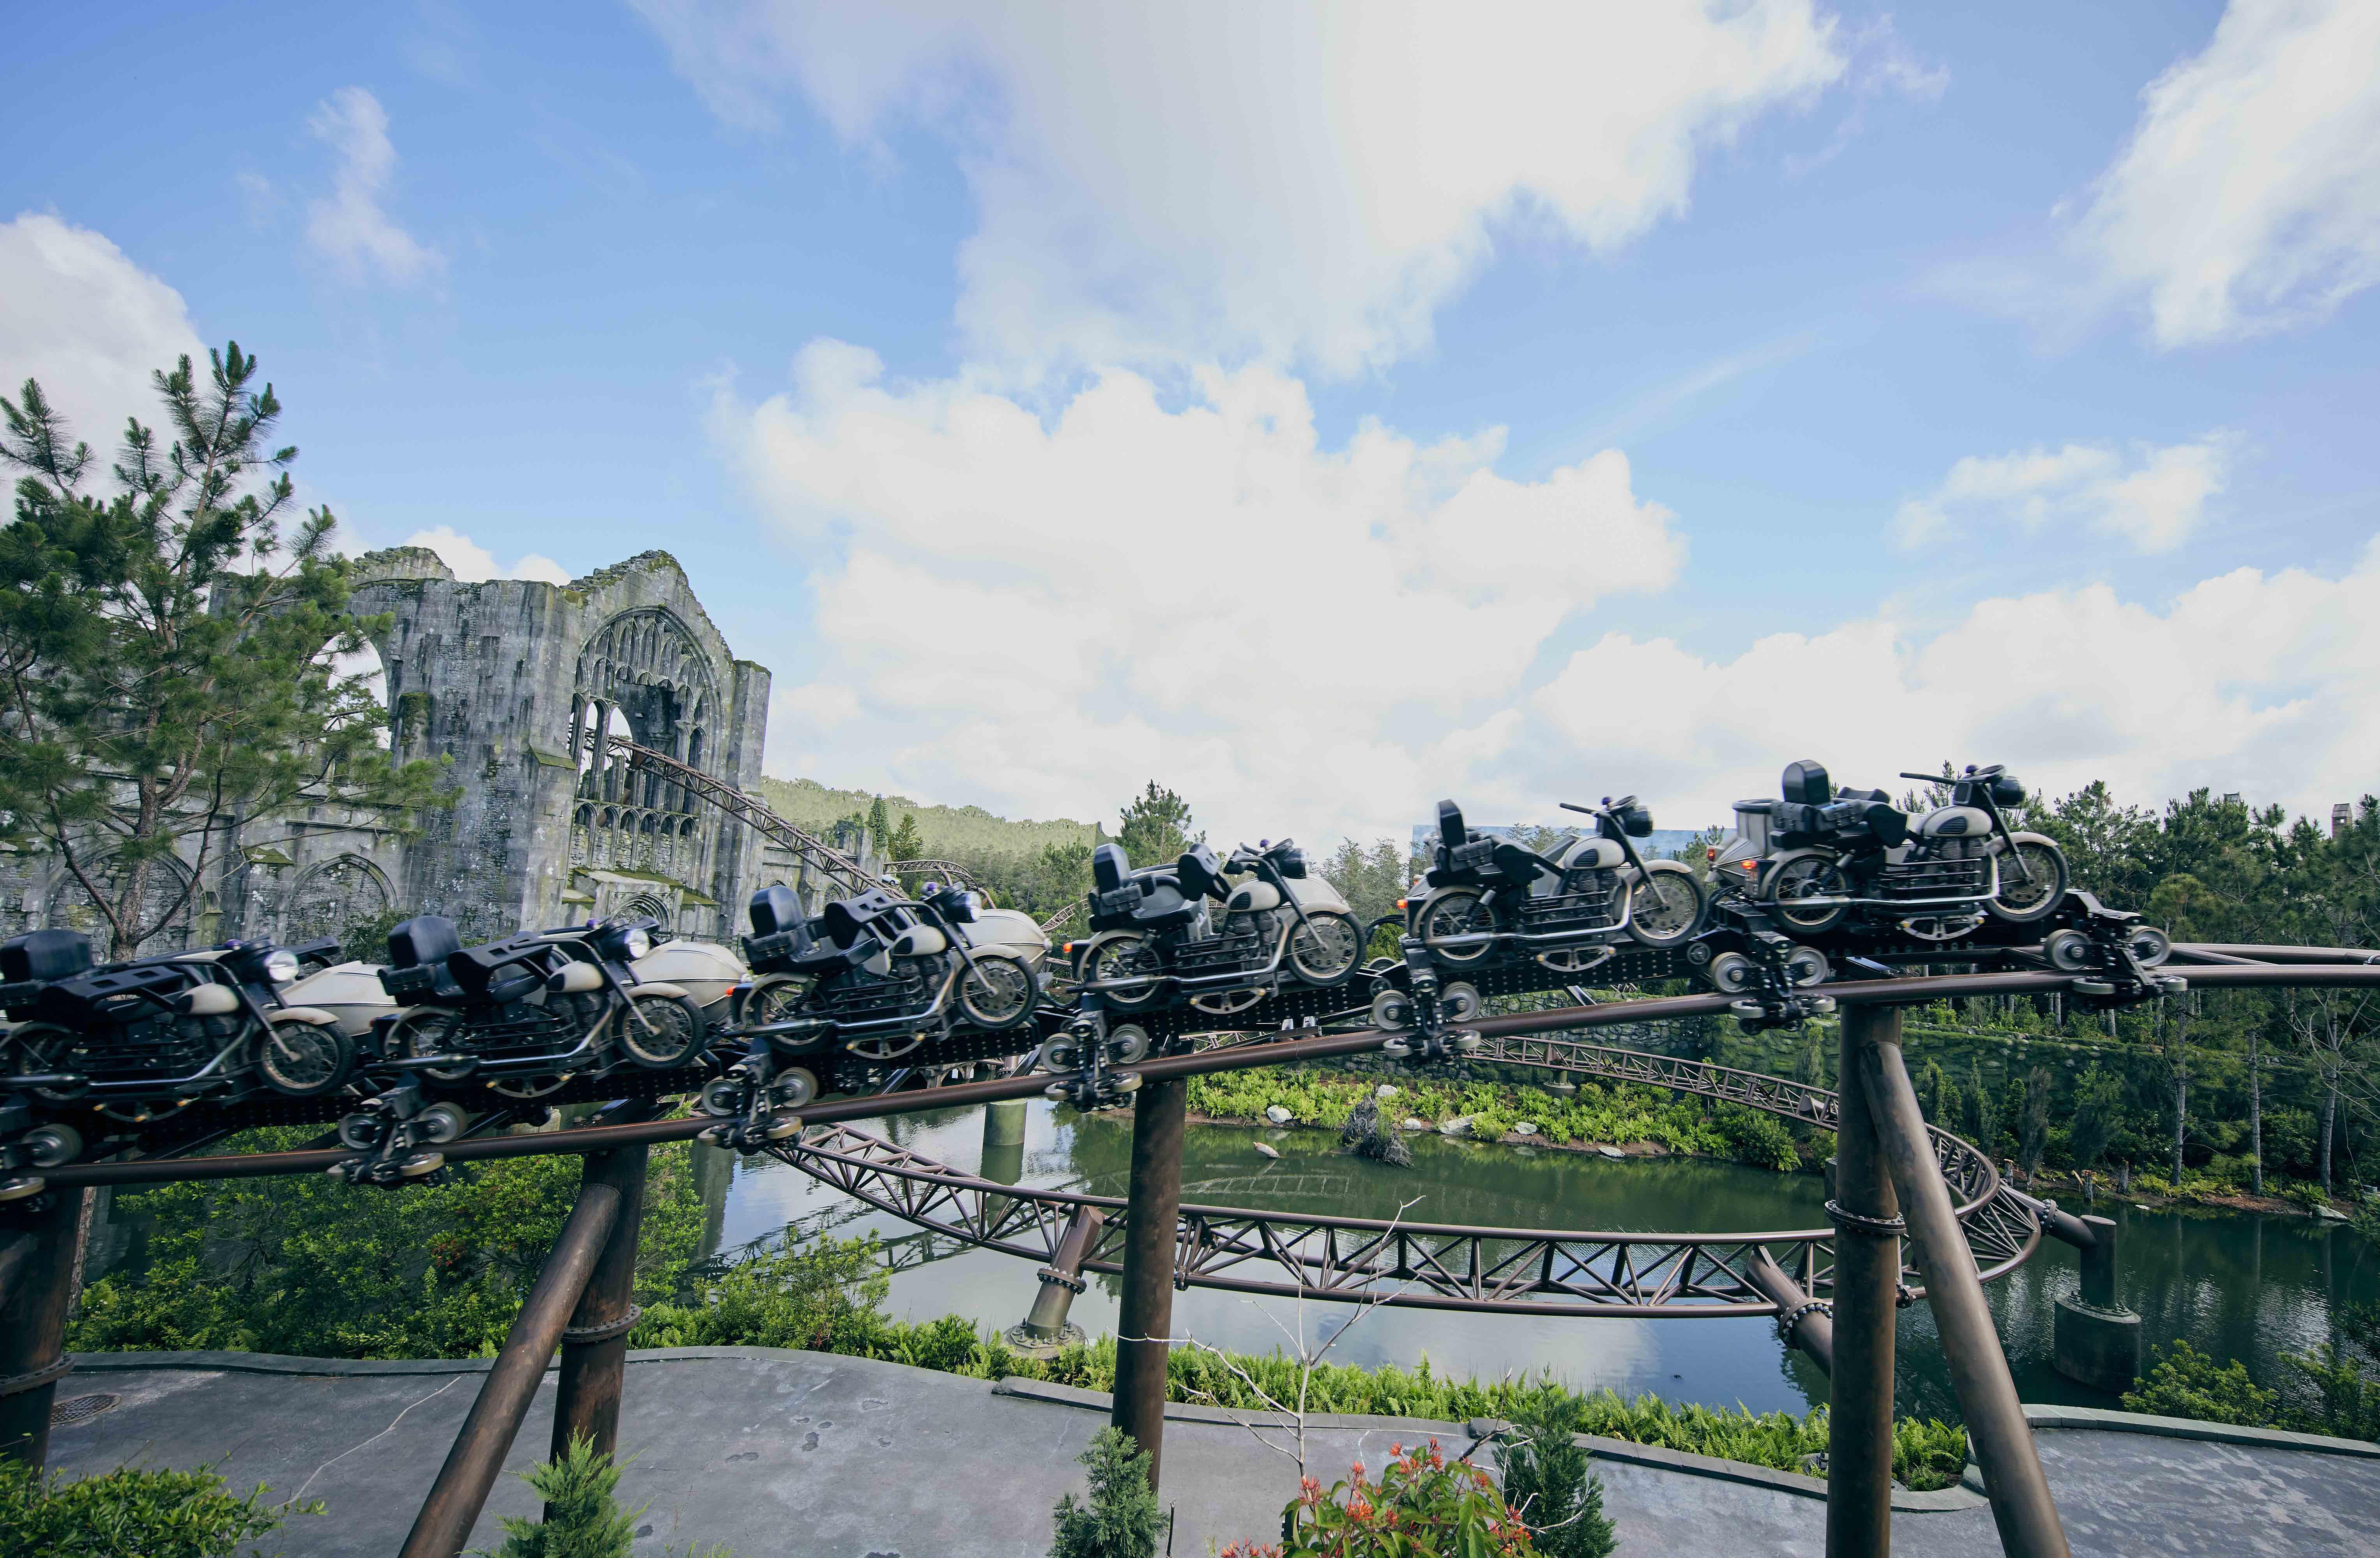 """O """"trem' da atração na verdade é a motocicleta do Hagrid!"""